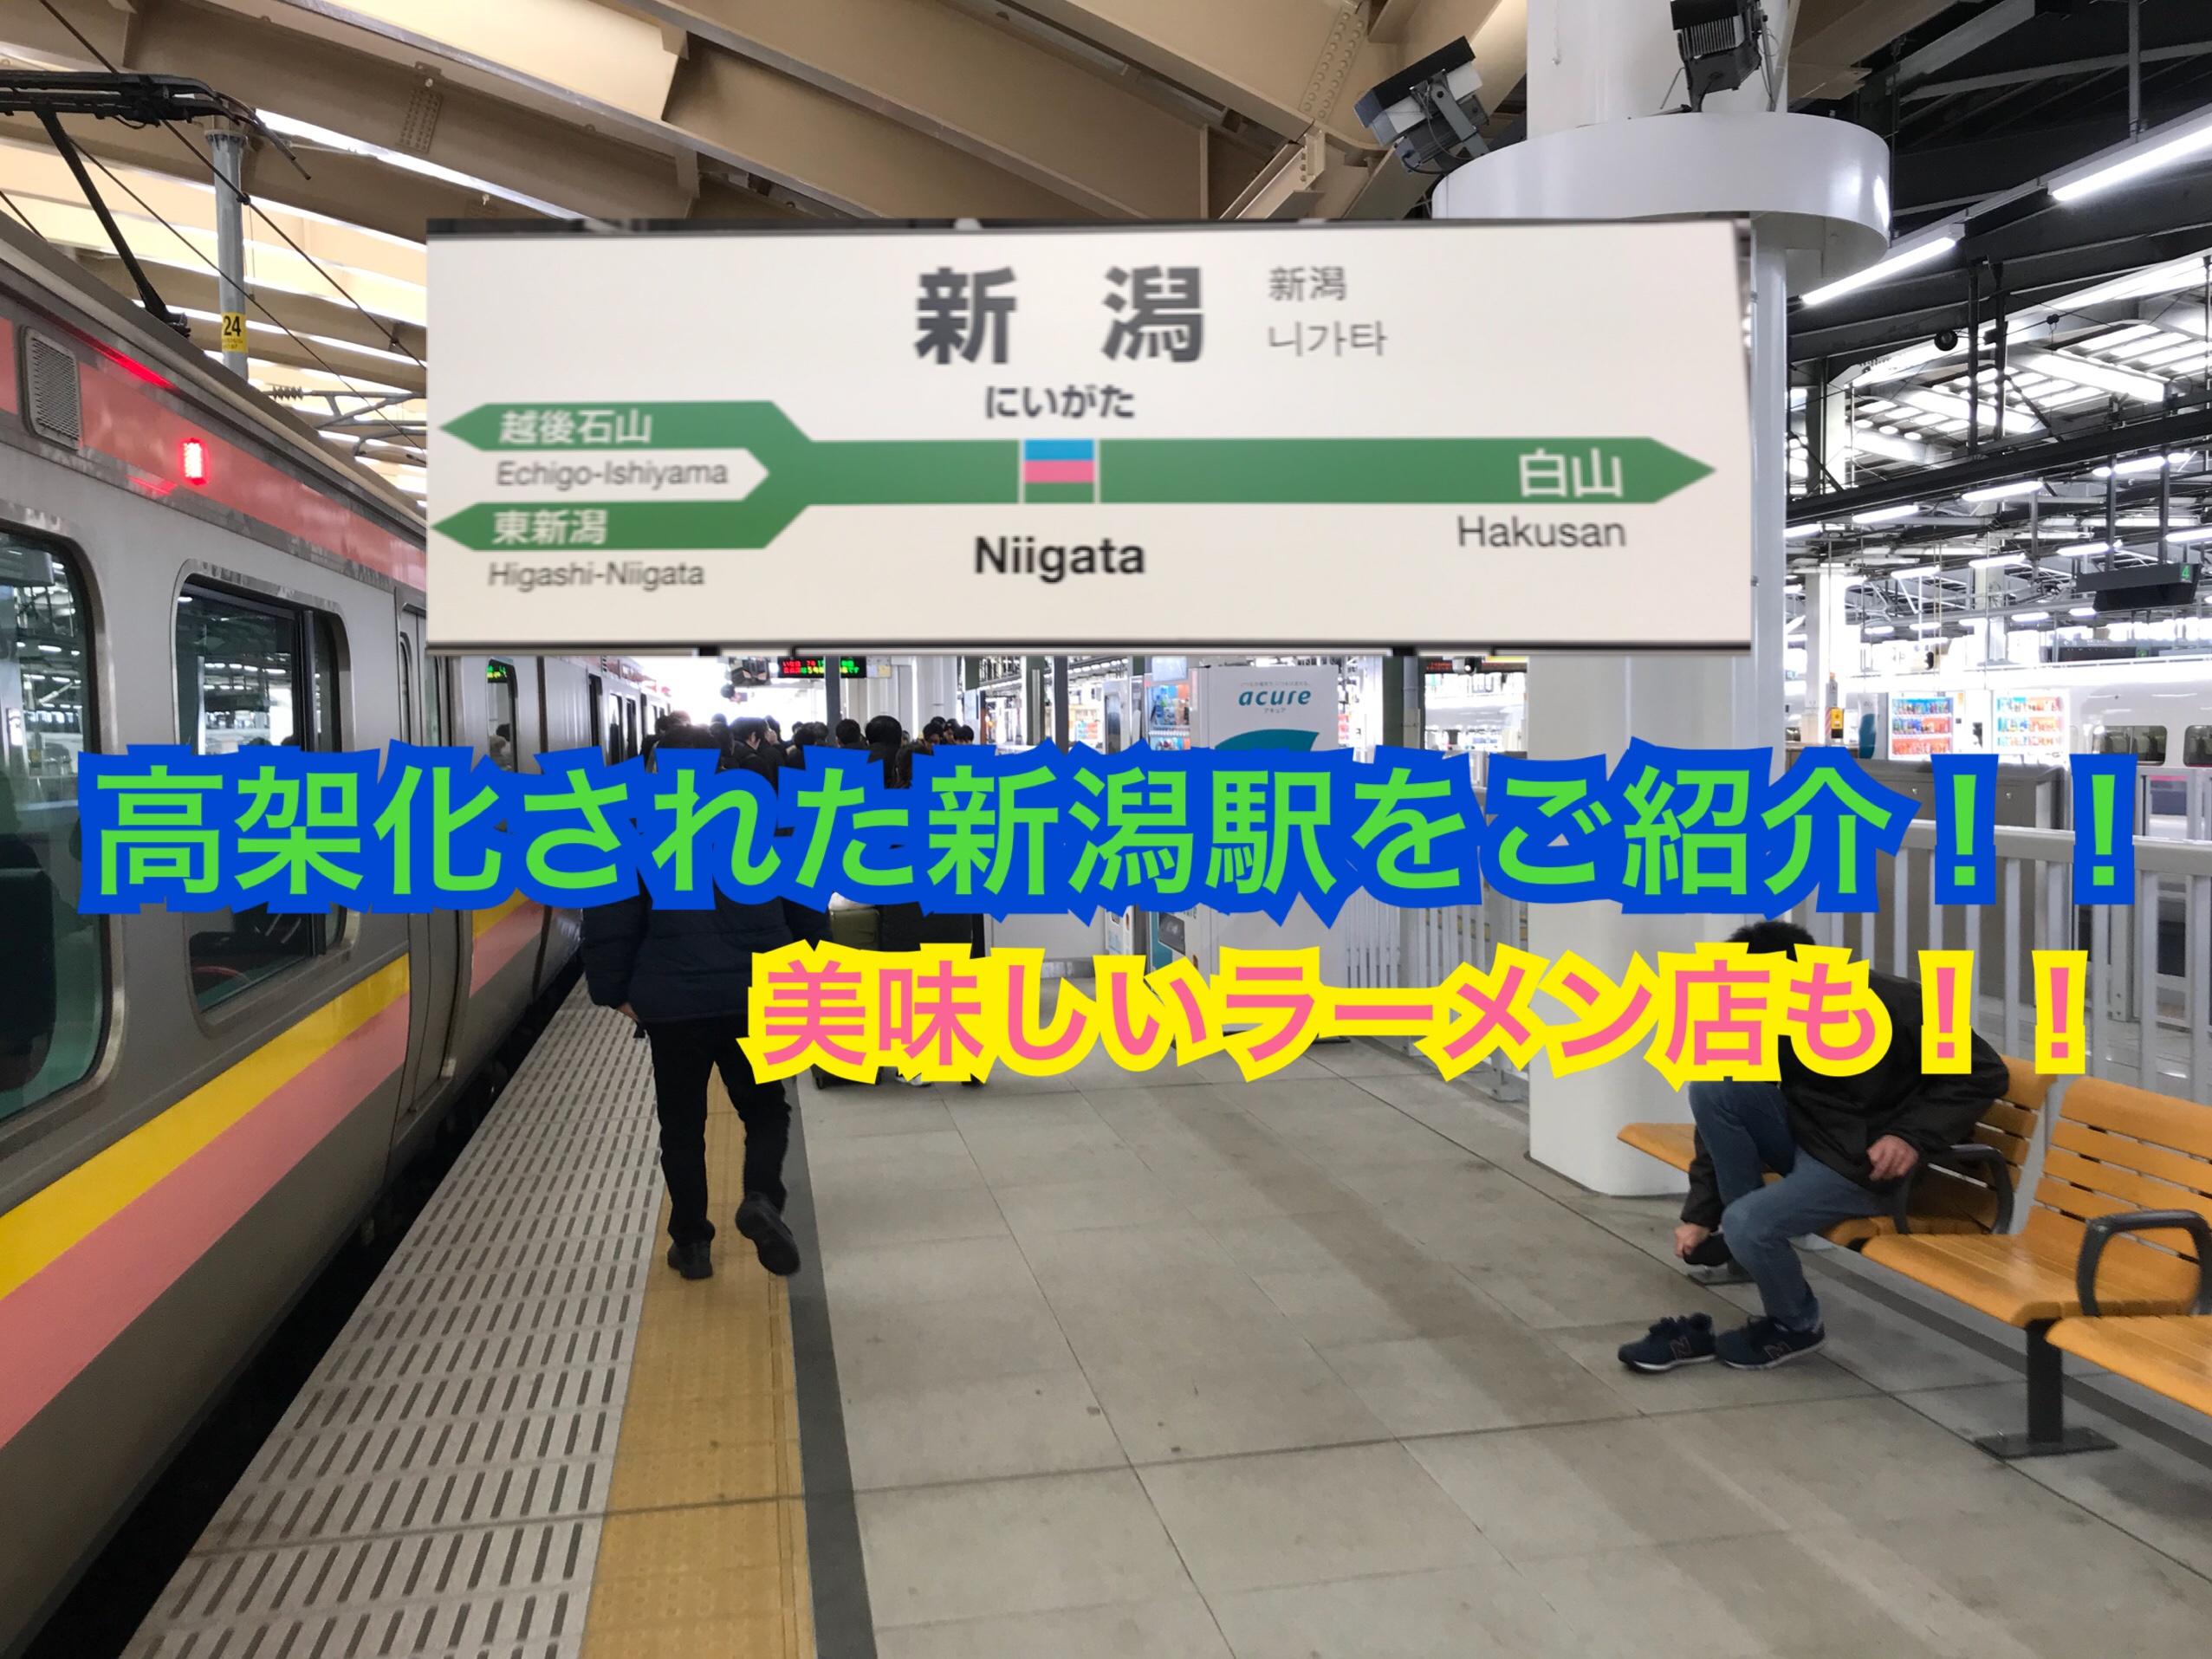 高架化された新潟駅。新潟駅おすすめのラーメン屋も!【雪国周遊旅】